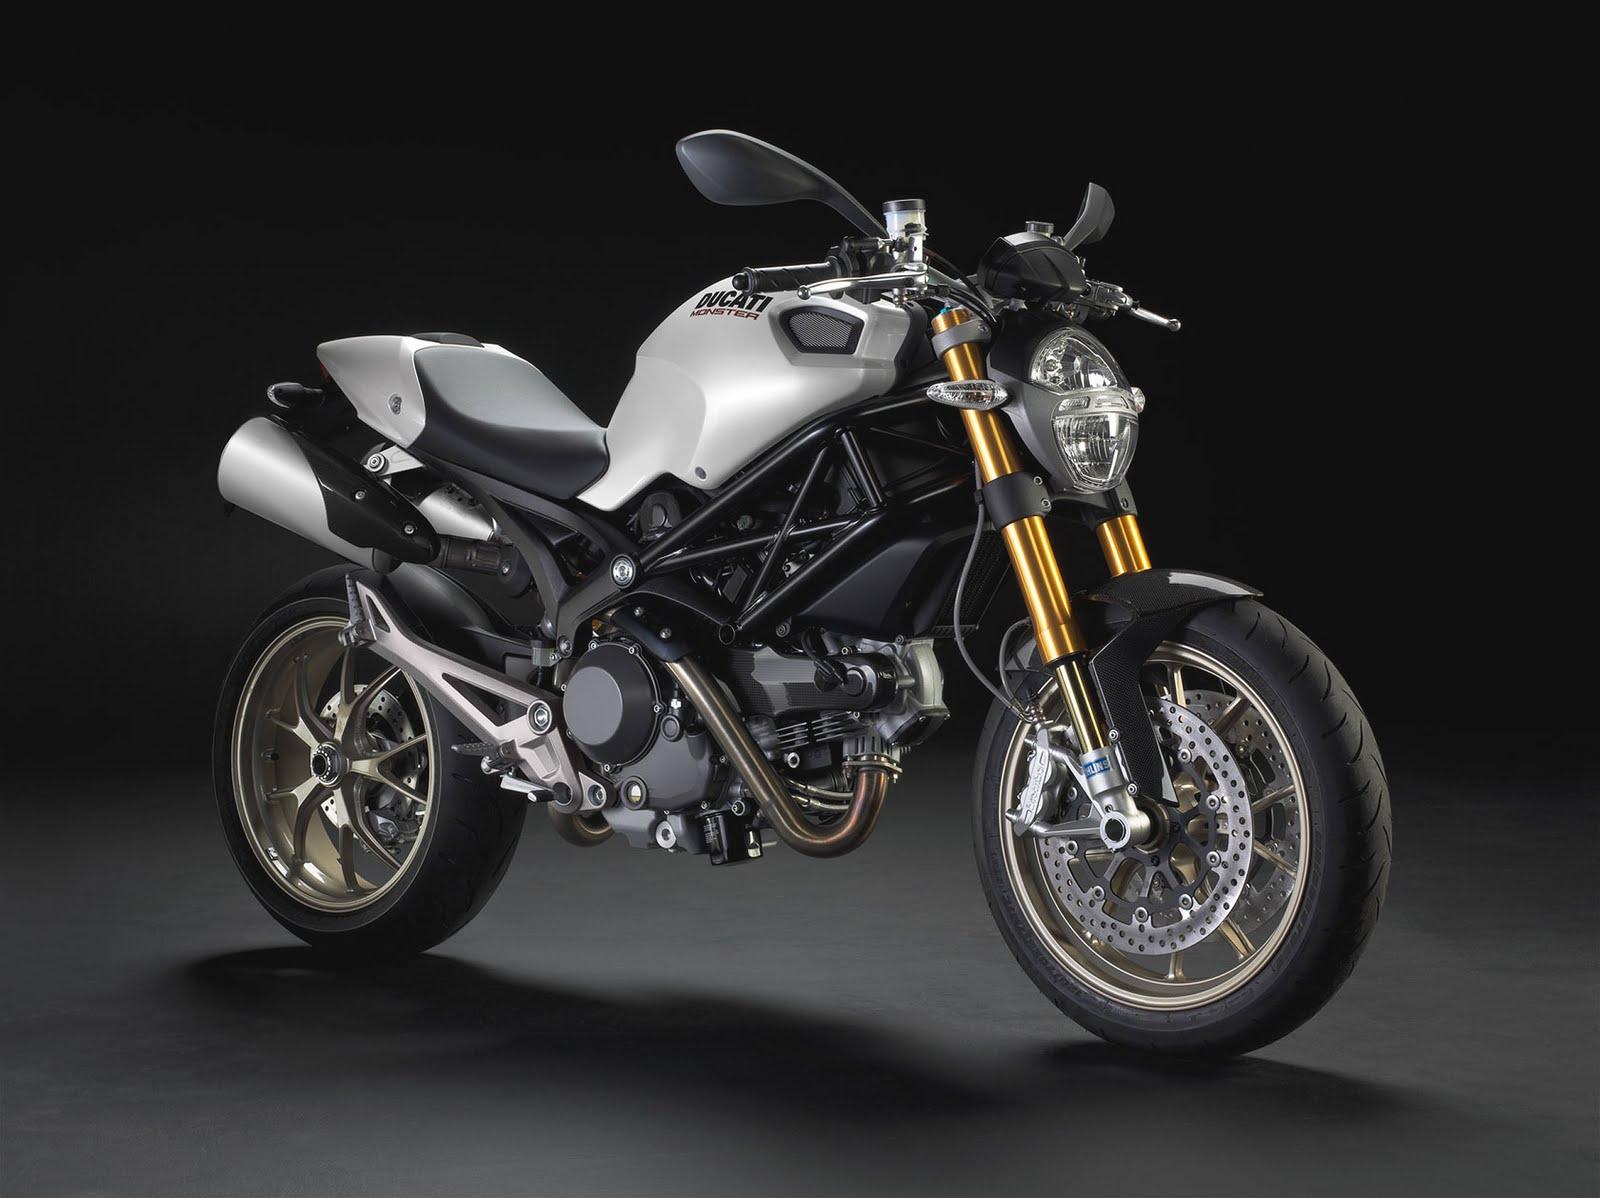 http://1.bp.blogspot.com/_TvNkUp-Yso8/TPdnGZxuczI/AAAAAAAABYQ/K7Xjj-Lsn8U/s1600/2011-Ducati-Monster1100S.jpg